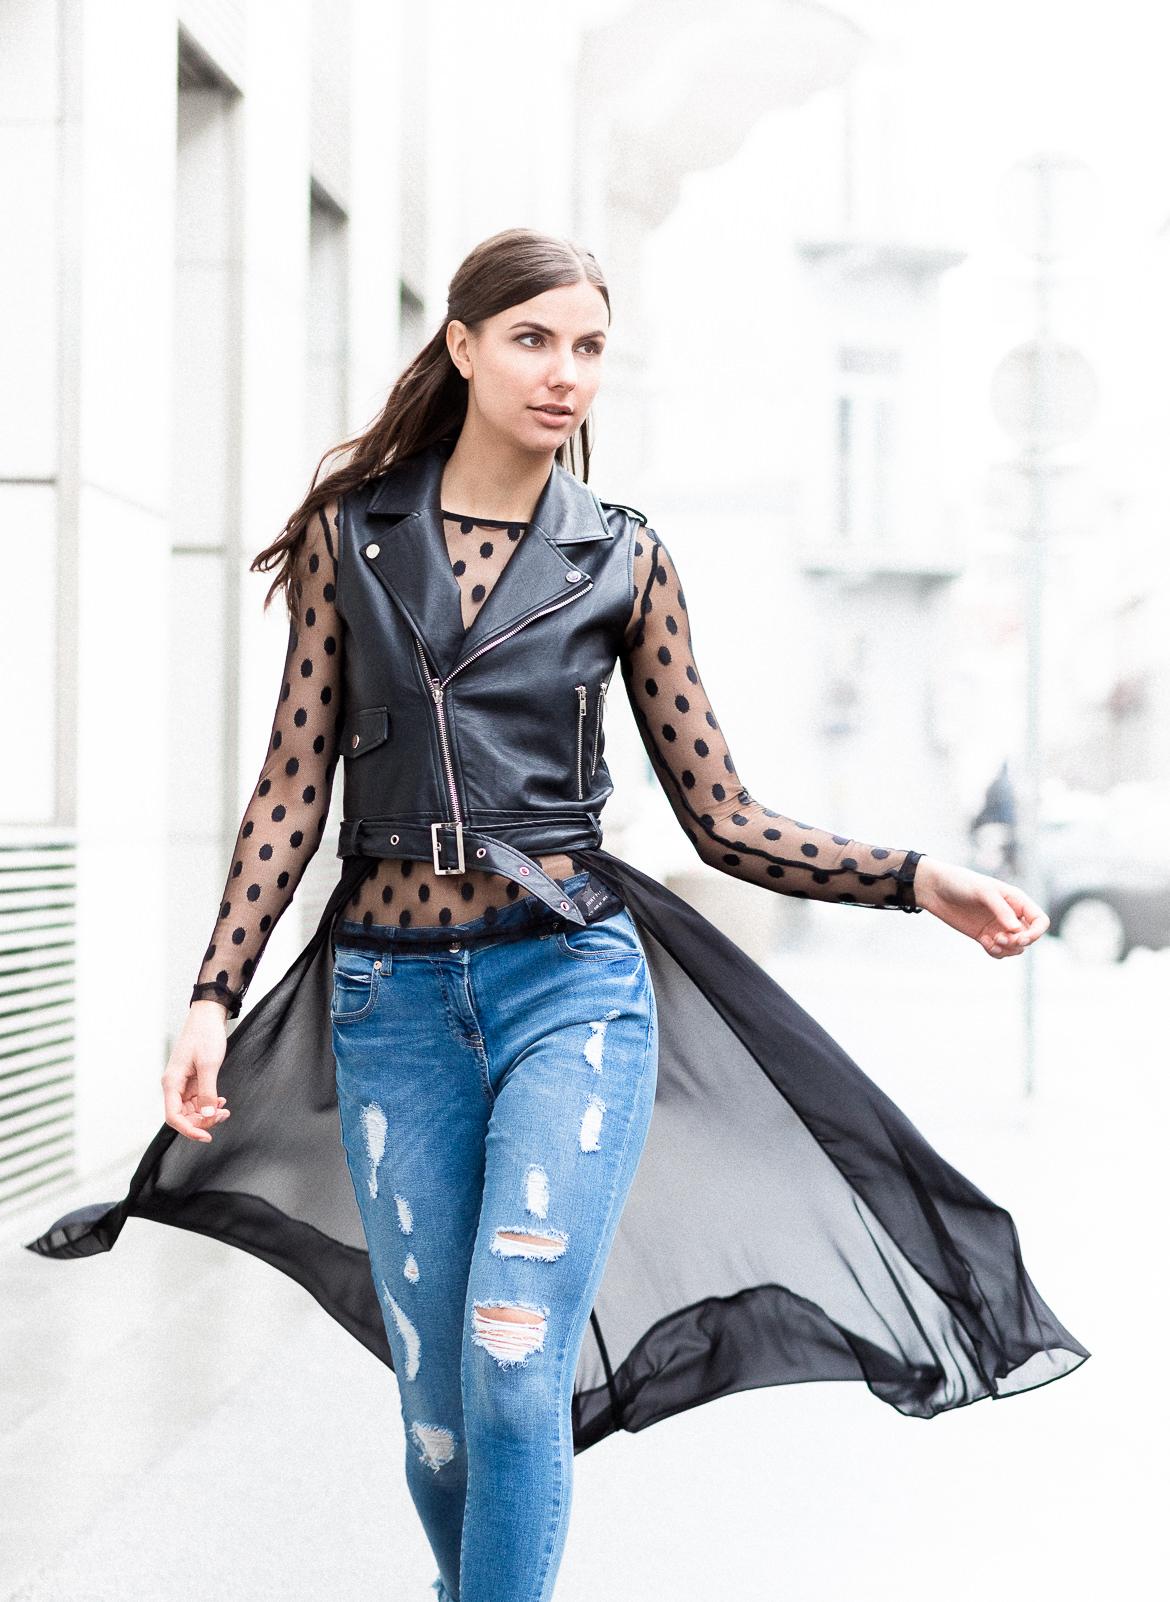 Kurt Remling Fotograf Sama Fashion (1)